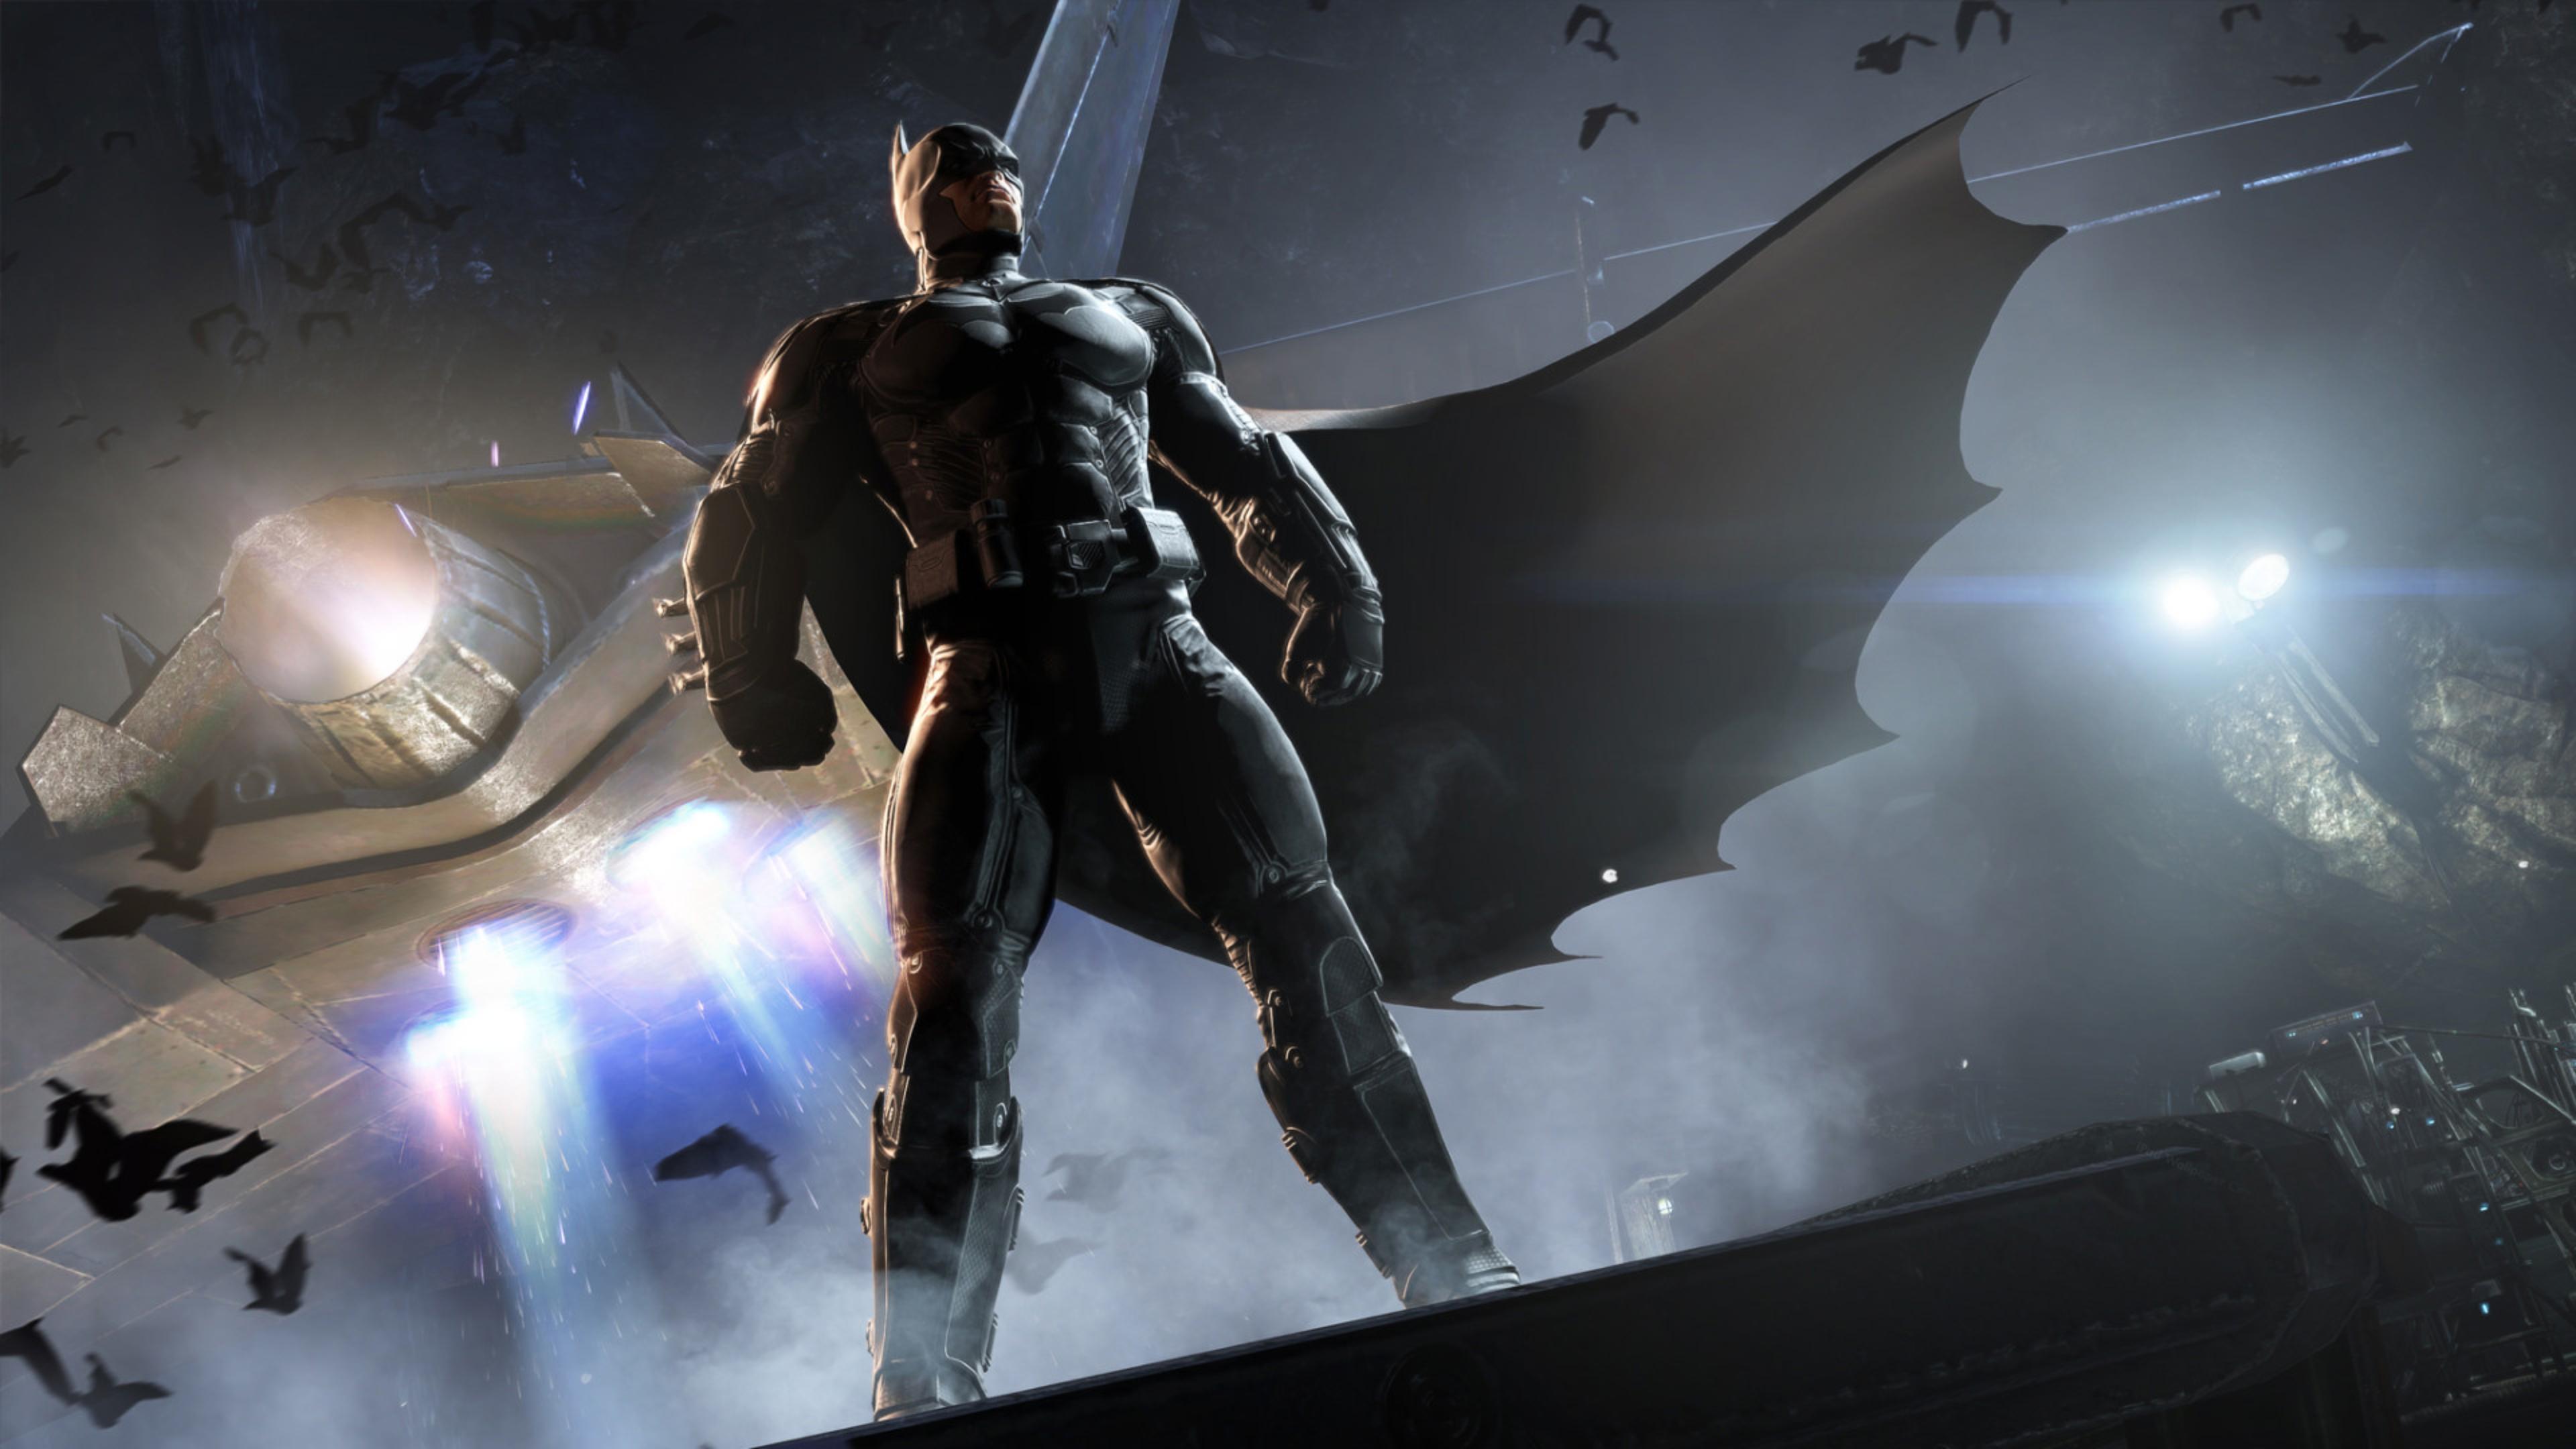 batman arkham origins 4k 1554244338 - Batman Arkham Origins 4k - superheroes wallpapers, hd-wallpapers, games wallpapers, batman wallpapers, batman arkham origins wallpapers, 5k wallpapers, 4k-wallpapers